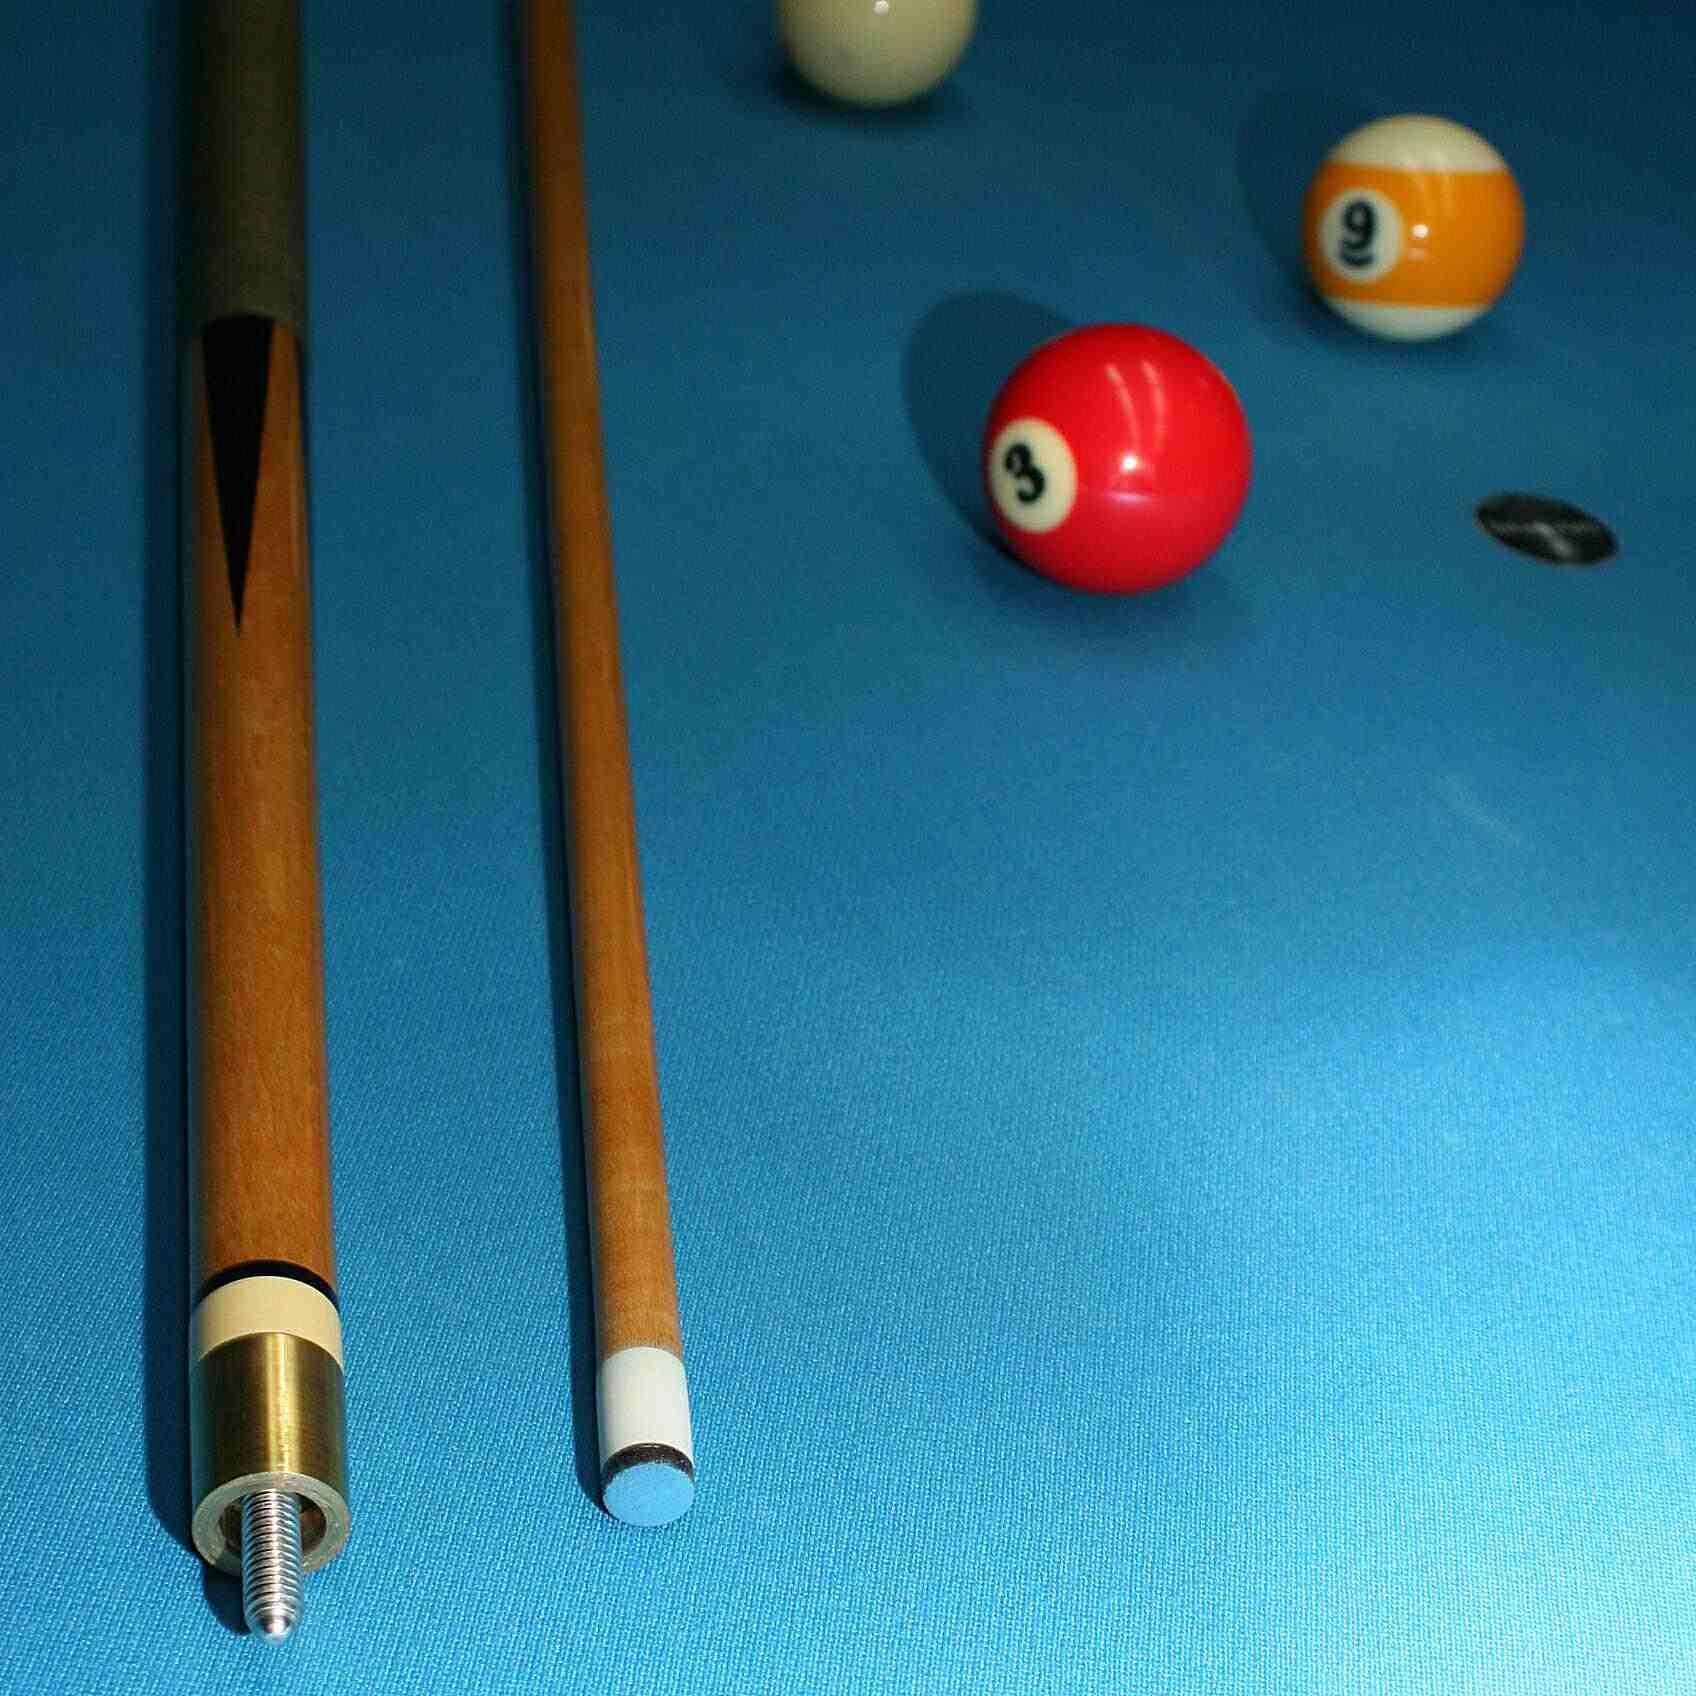 english pool, english billiards, english, sports english, cue english